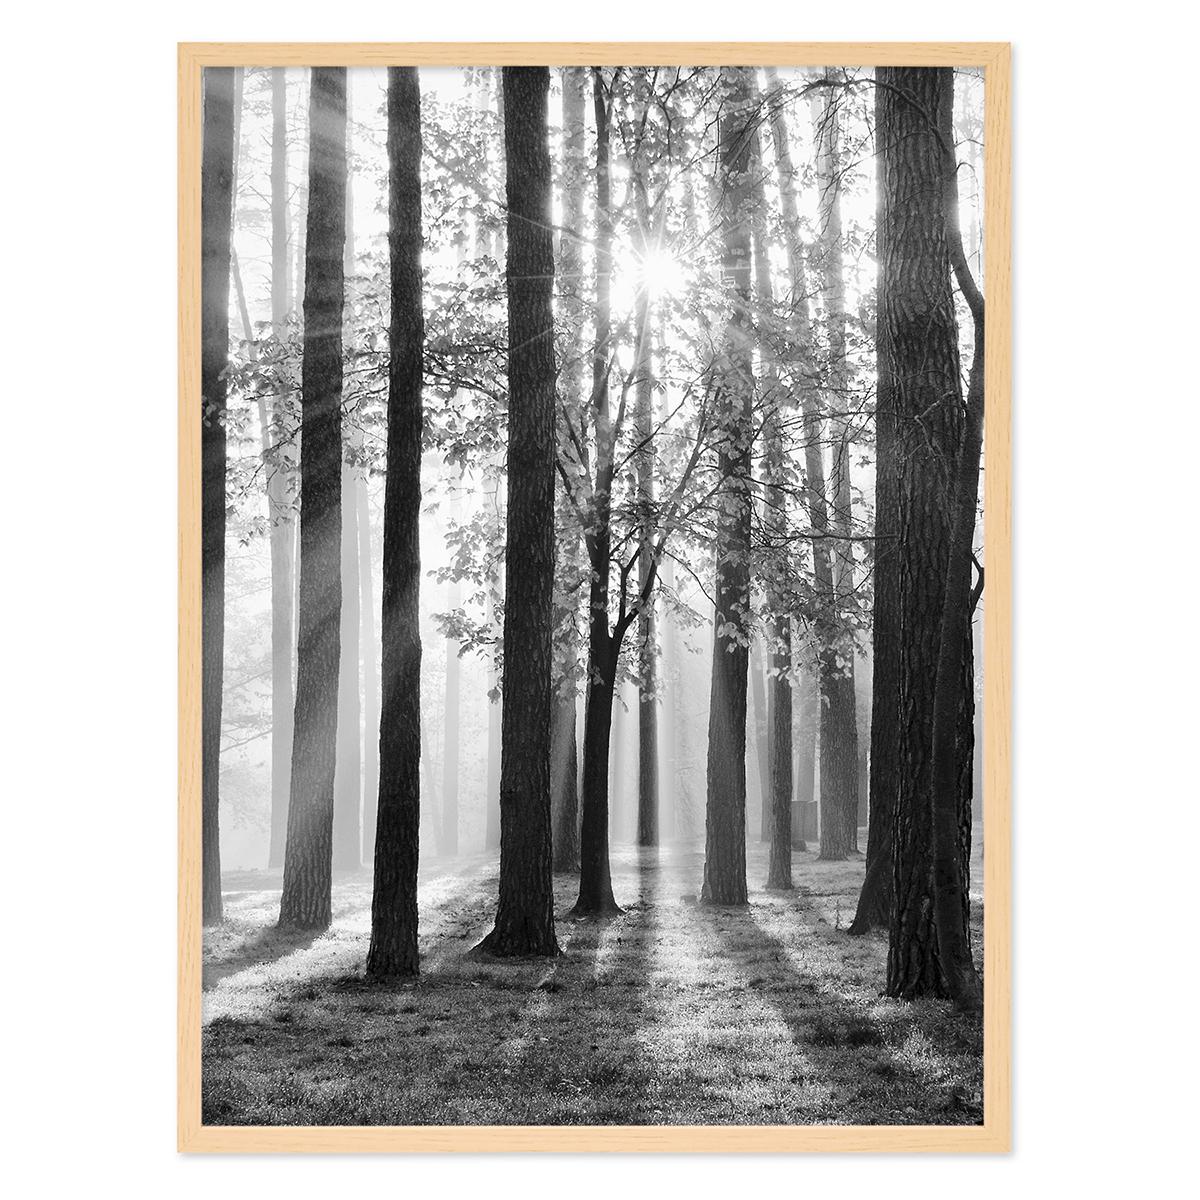 poster 39 wald sonne 39 30x40 cm schwarz weiss foto b ume sonnenschein poster natur landschaft. Black Bedroom Furniture Sets. Home Design Ideas